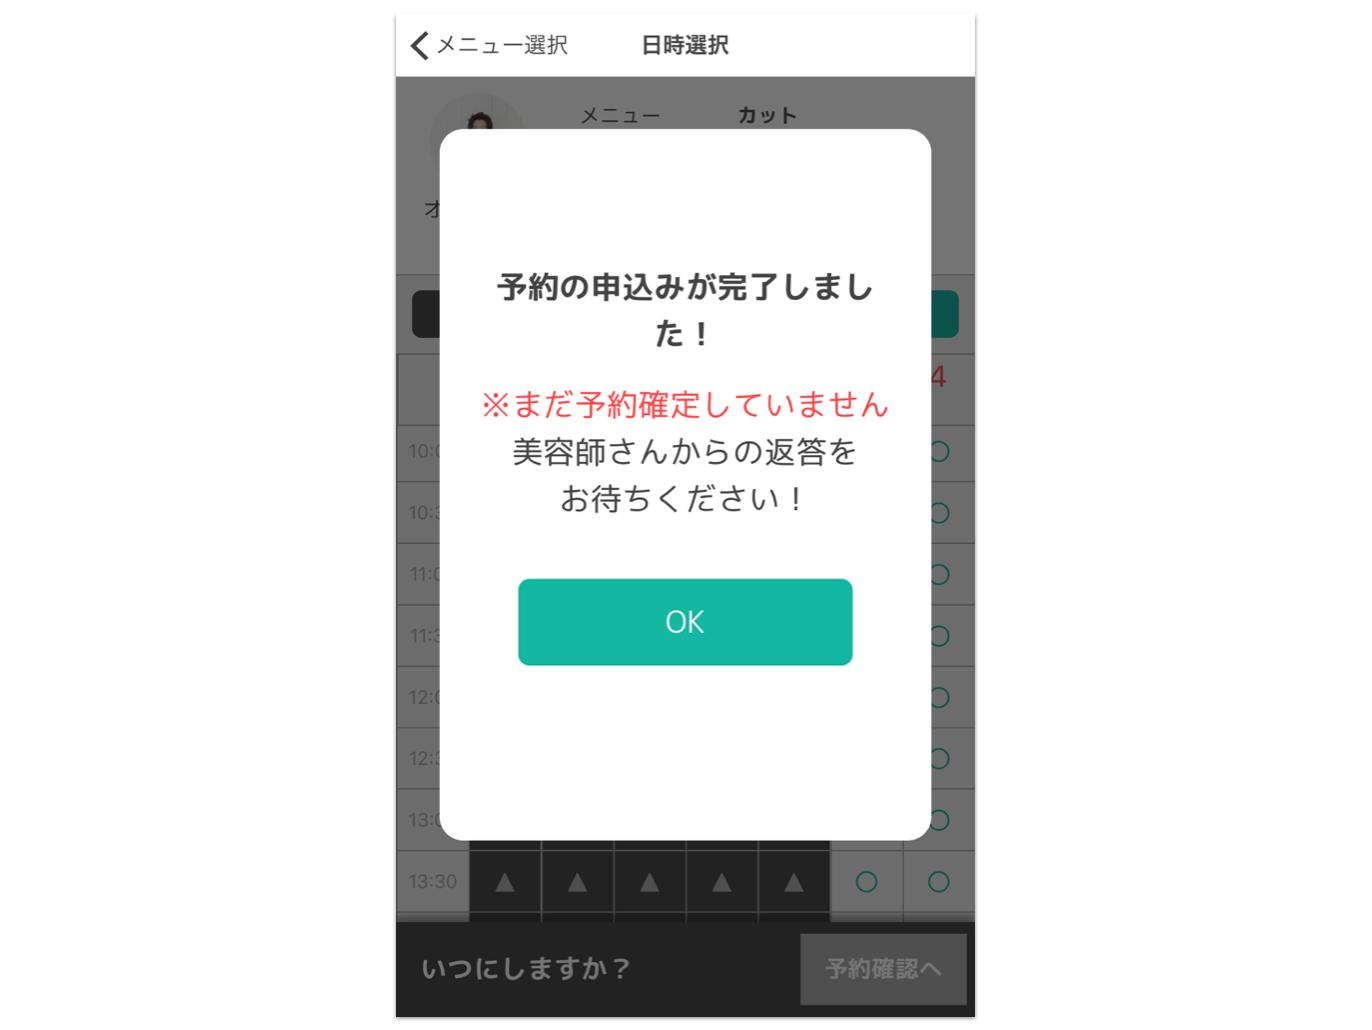 スクリーンショット 2018-07-04 19.59.44